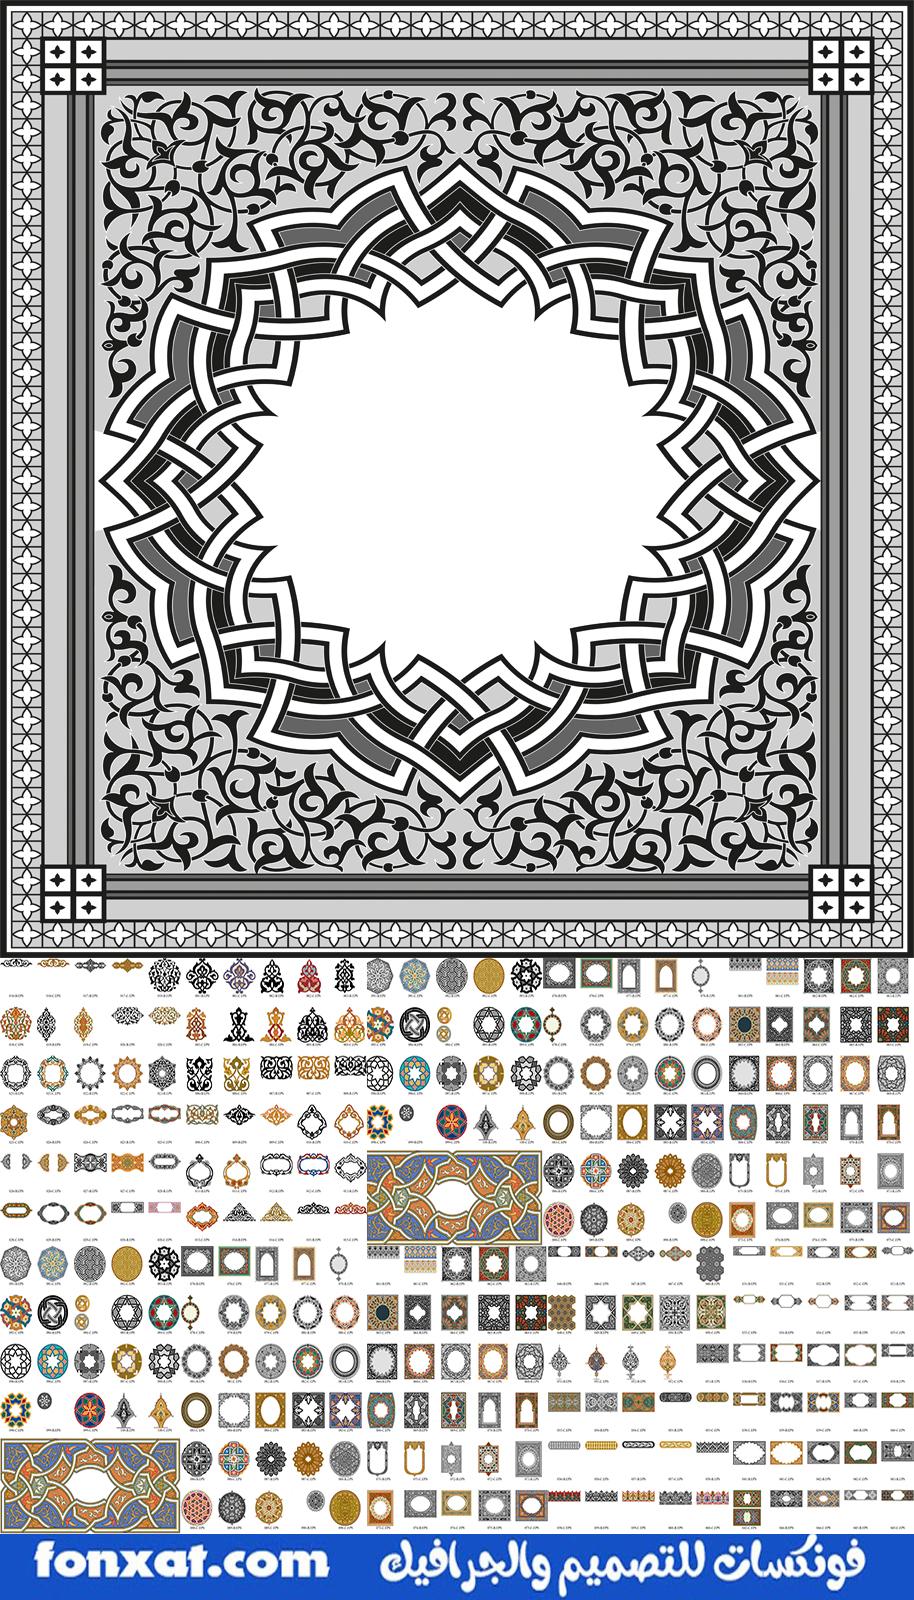 مجموعة كبيرة جدا من الزخارف والنقوش الاسلامية باعلى جودة ممكنة ملفات فيكتور وفوتوشوب ومفرغة